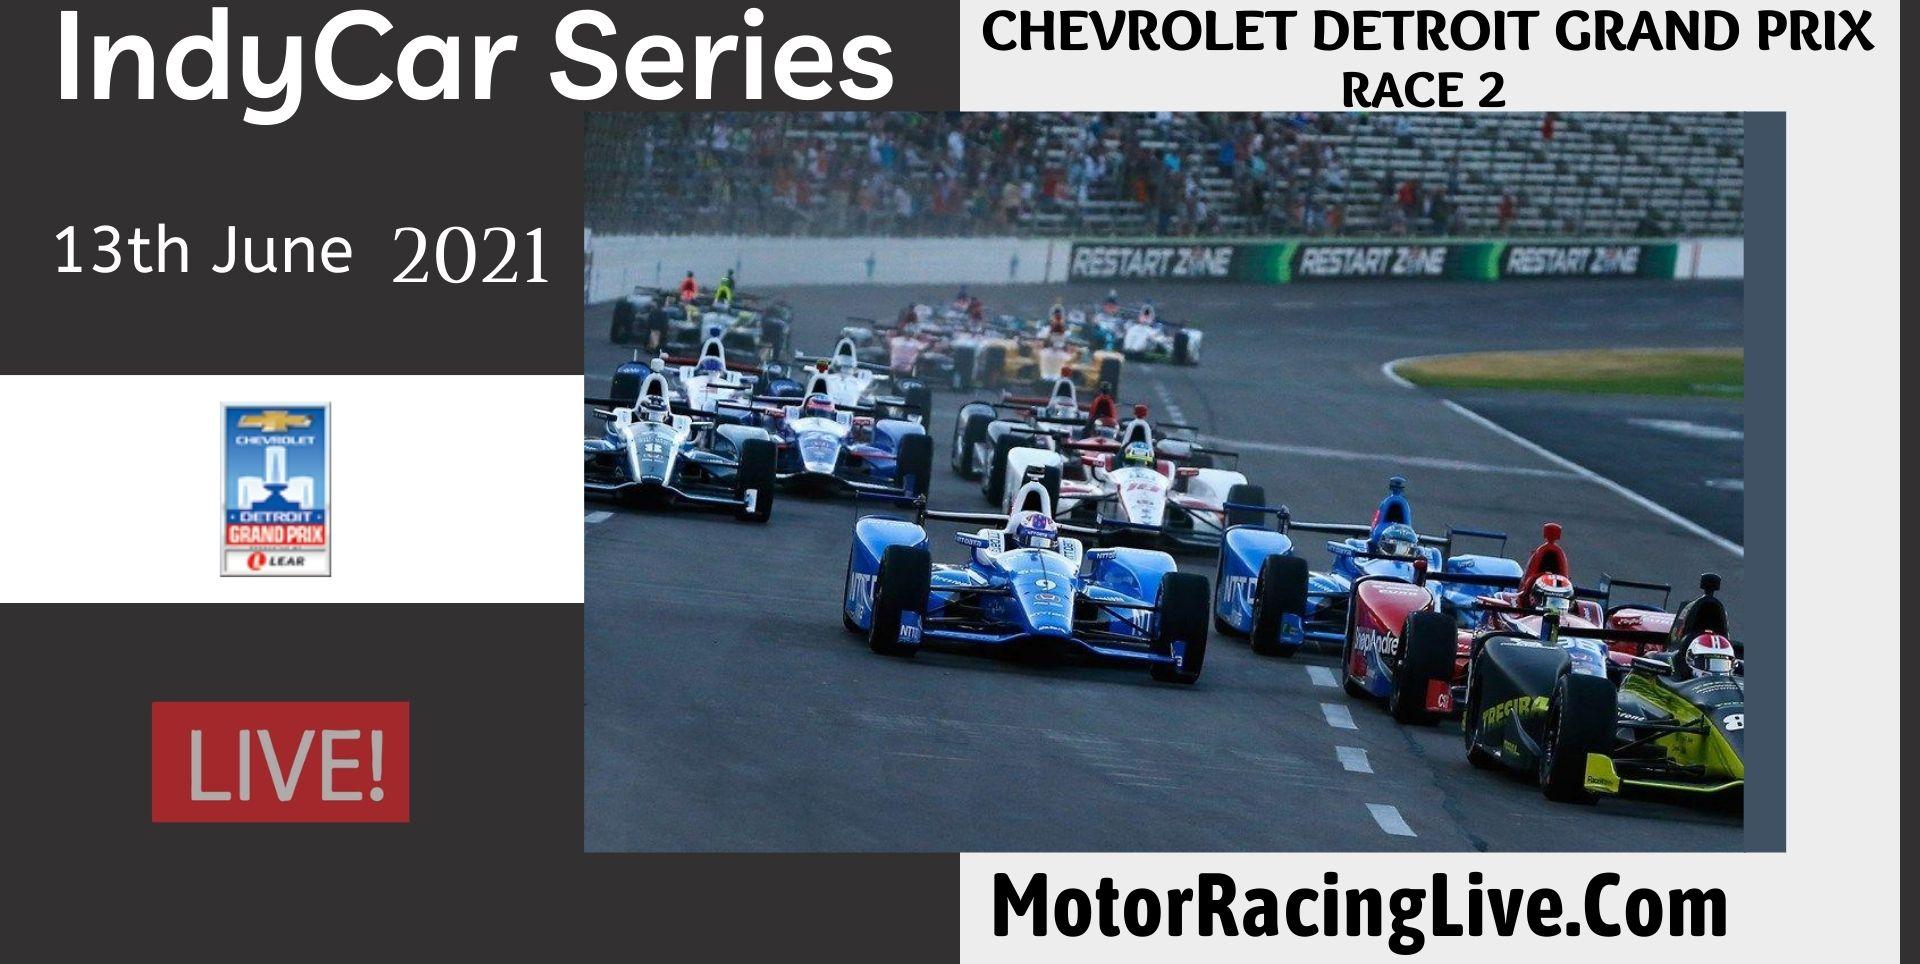 CHEVROLET DETROIT GRAND PRIX RACE 2 Live 2021 | Indycar